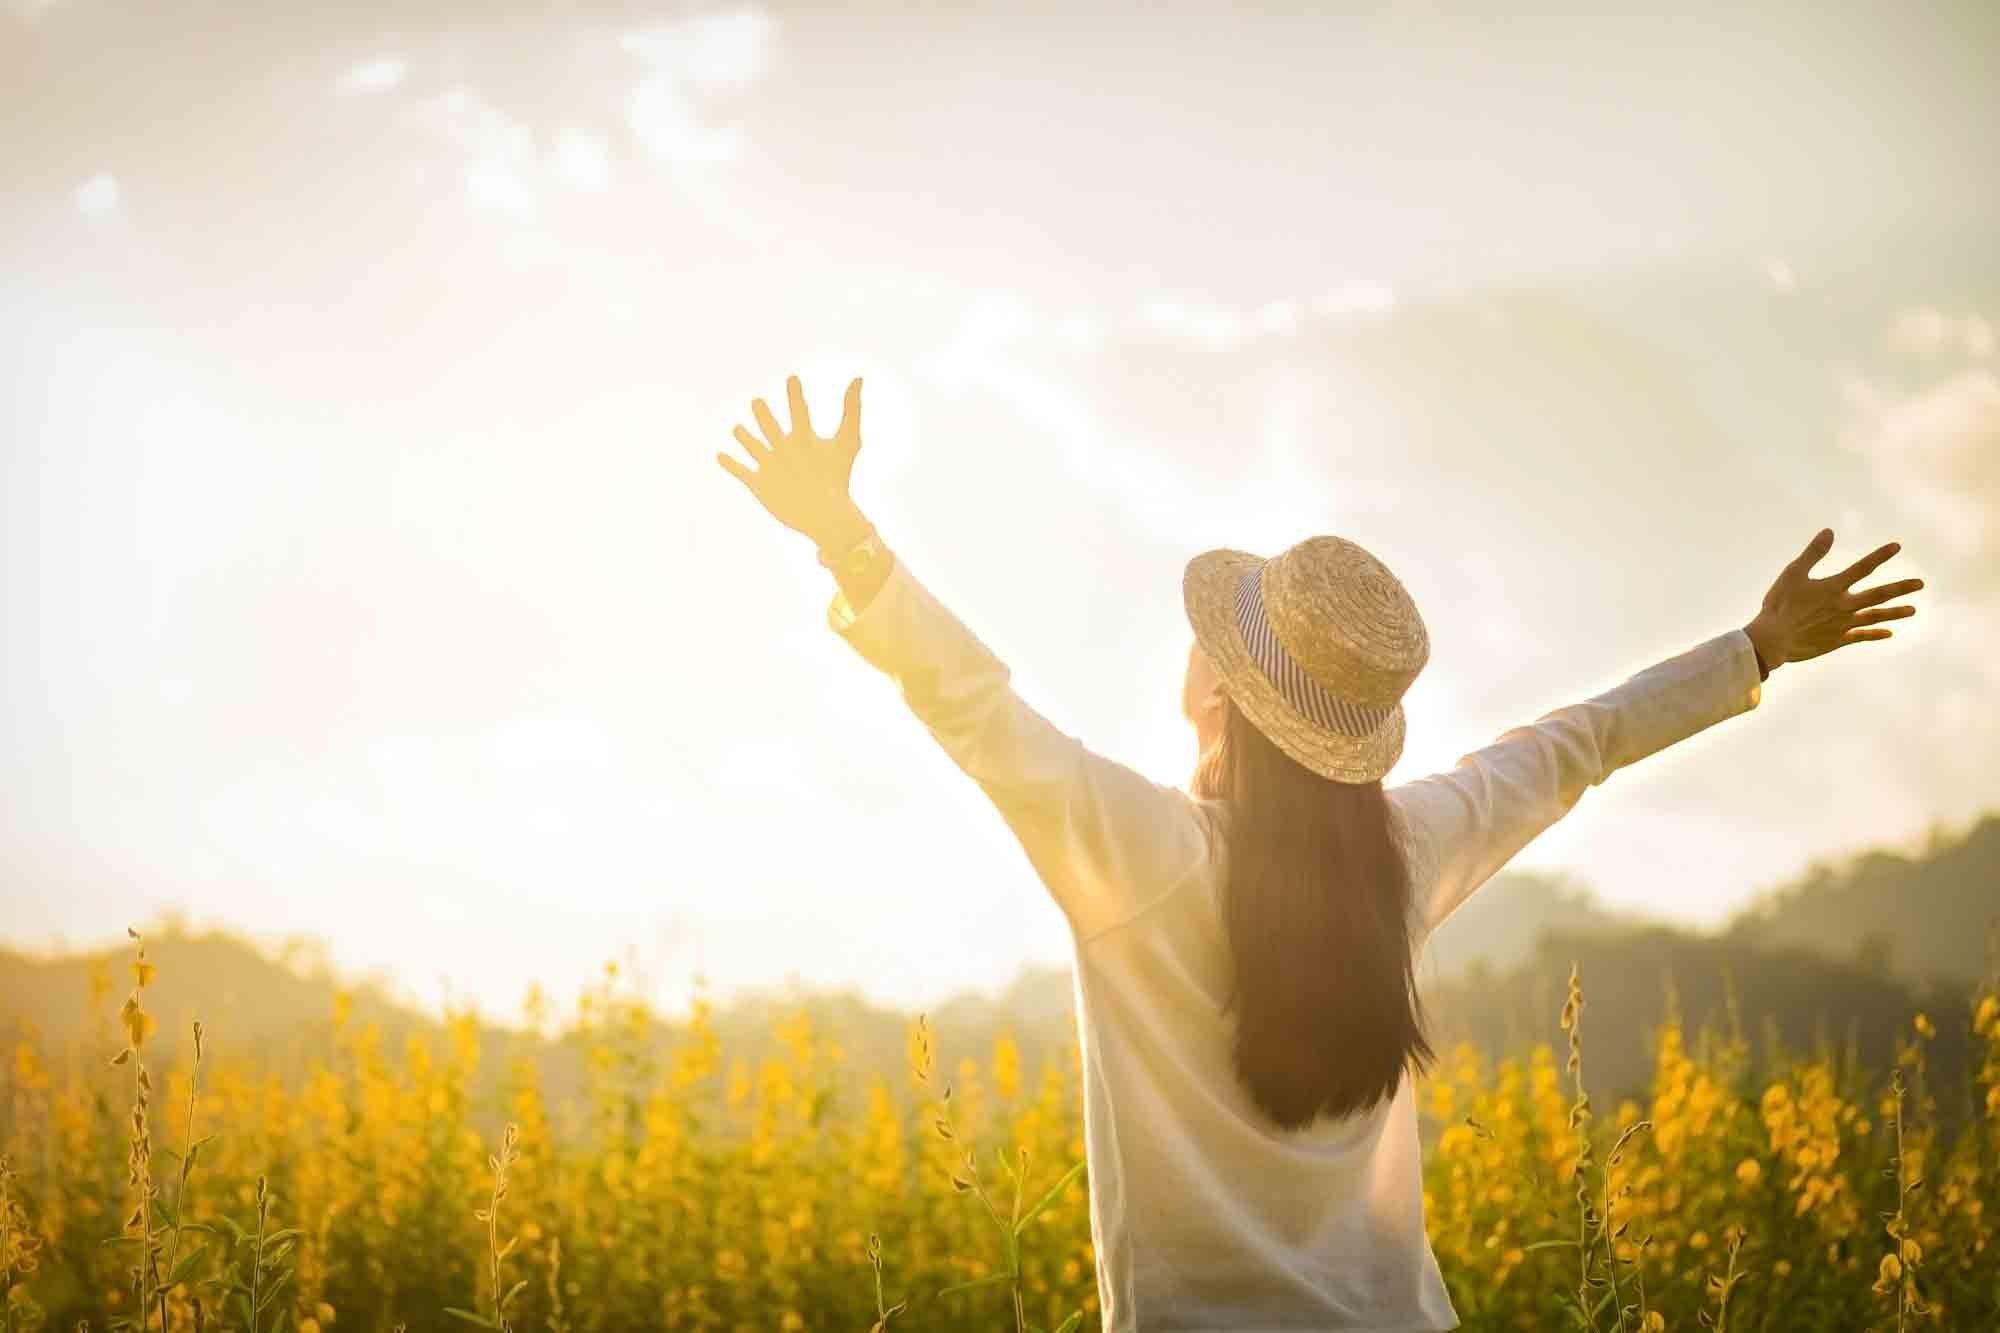 Profitez du soleil en toute sérénité !